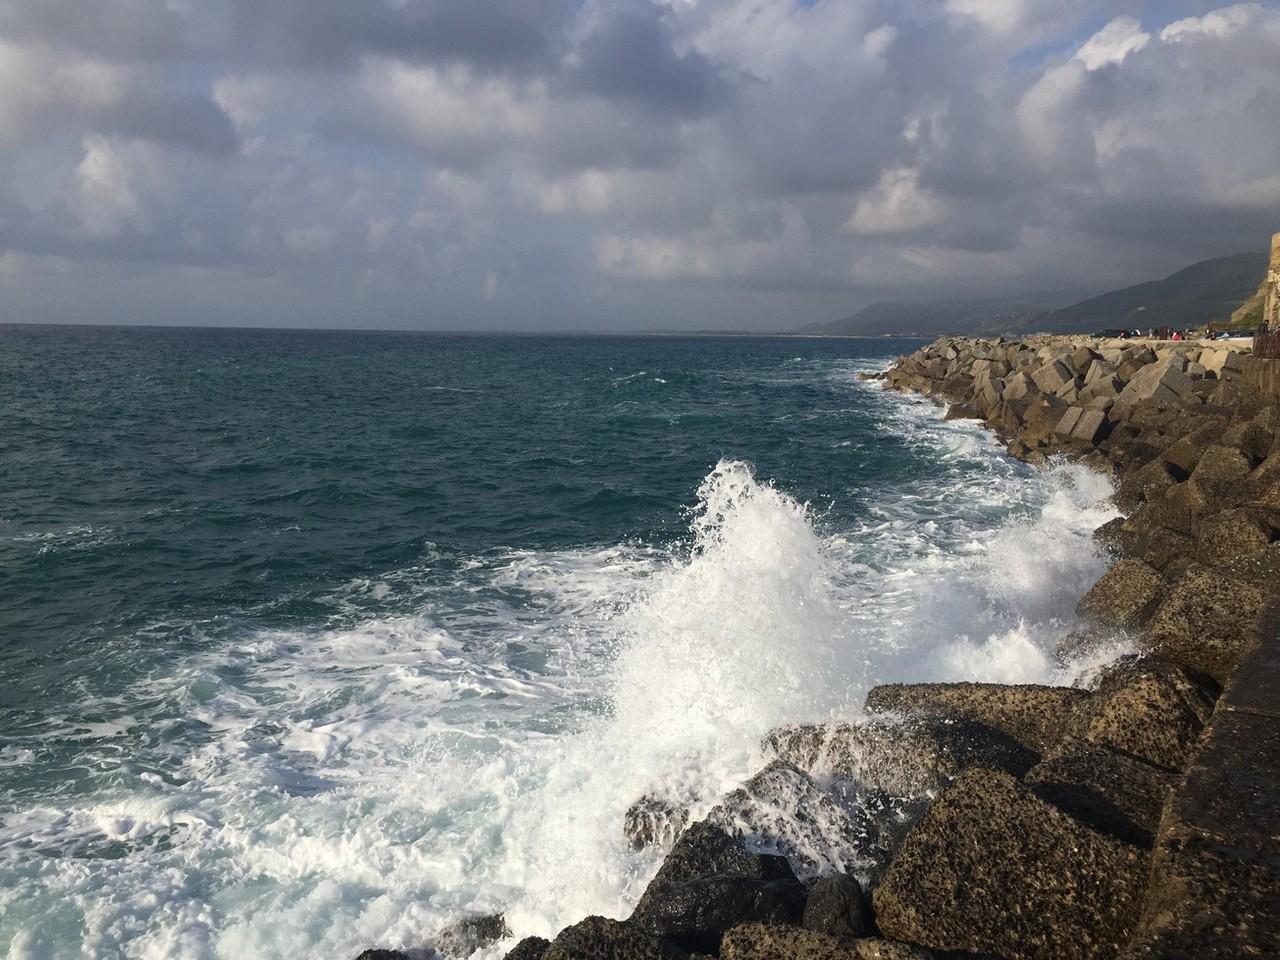 Da domenica RINFRESCA ovunque, con mari mossi e venti in intensificazione...